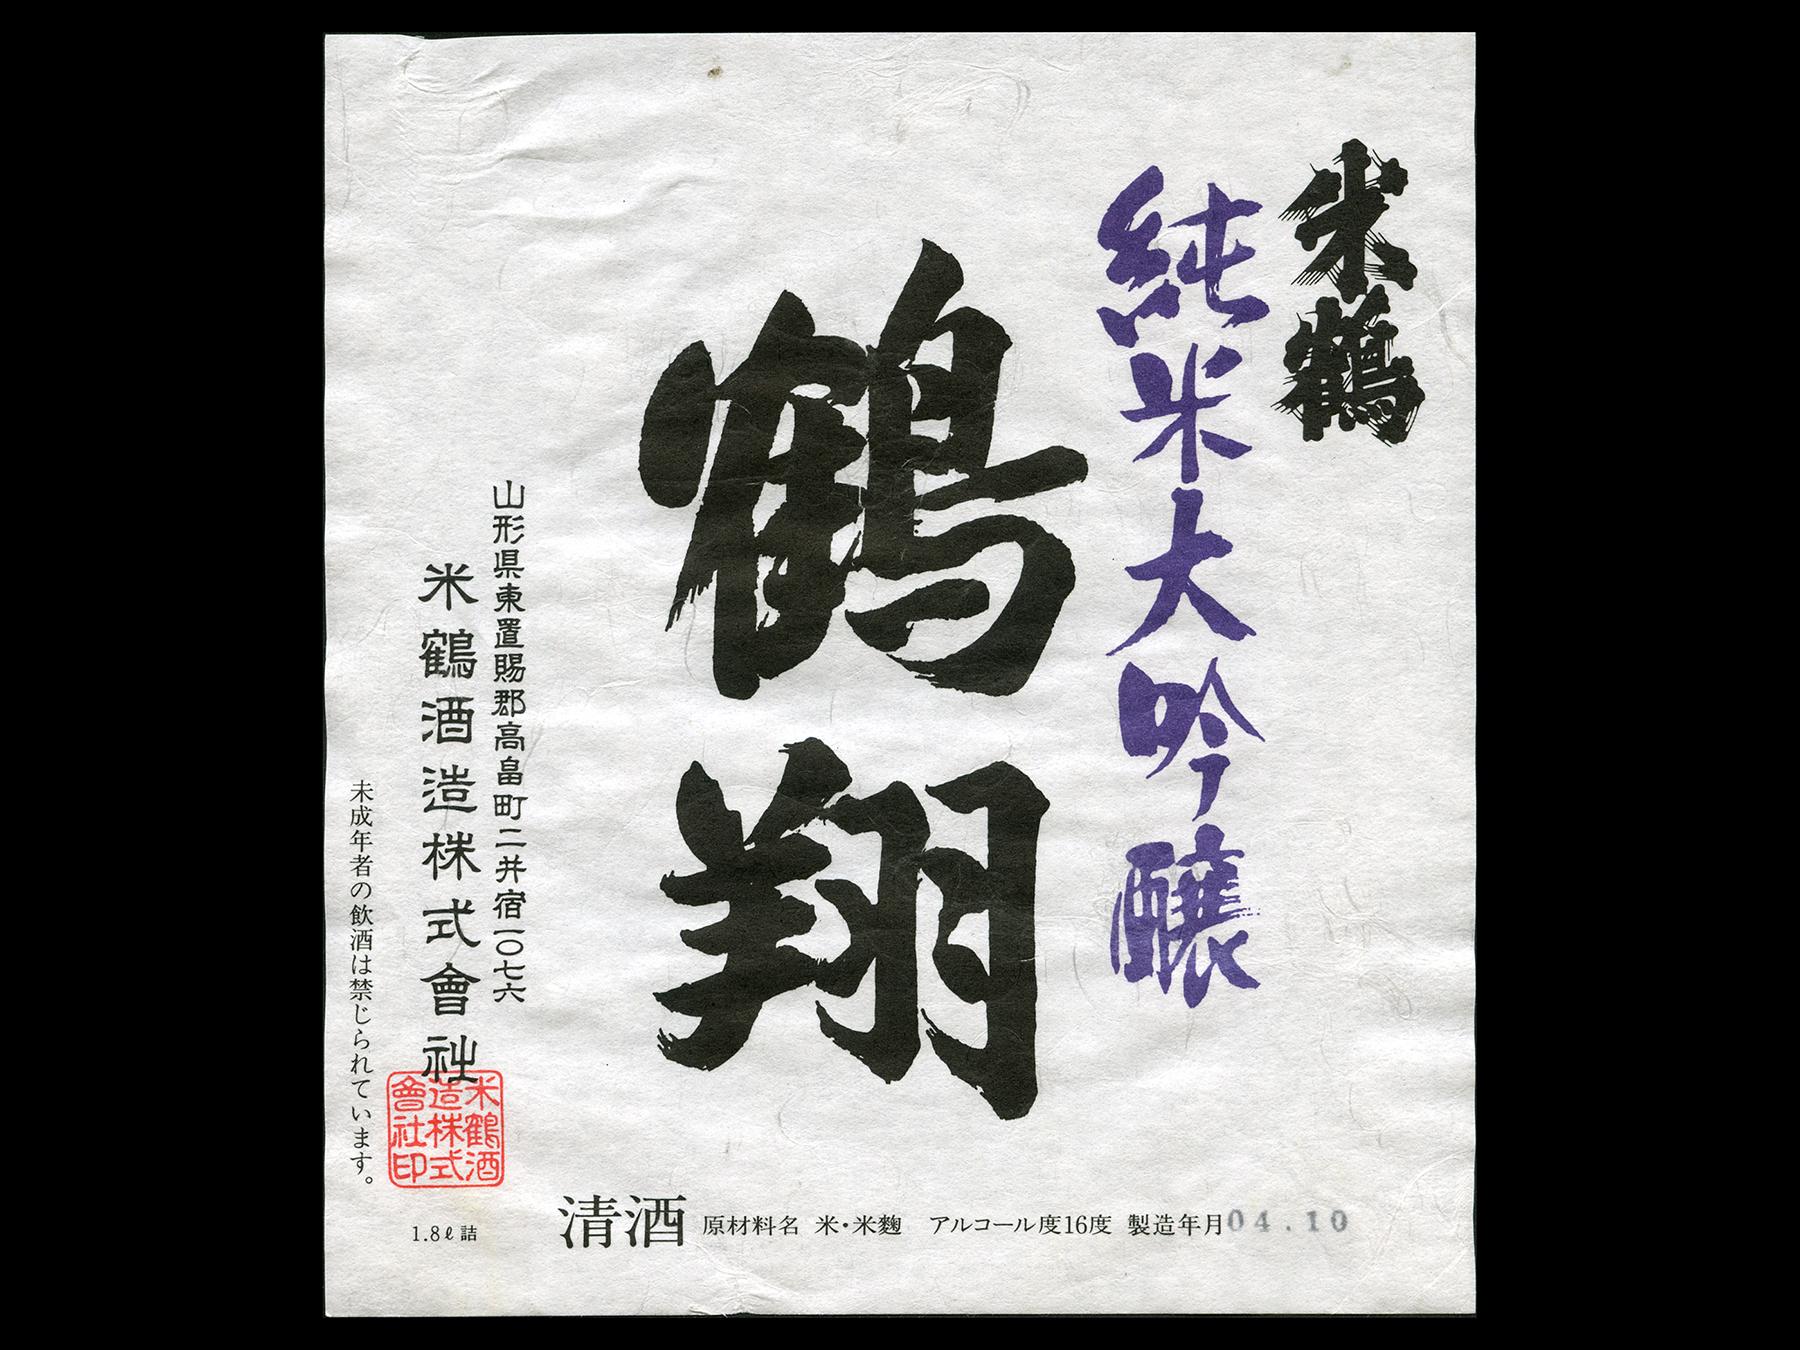 米鶴(よねつる)「純米大吟醸」鶴翔(かくほう)ラベル